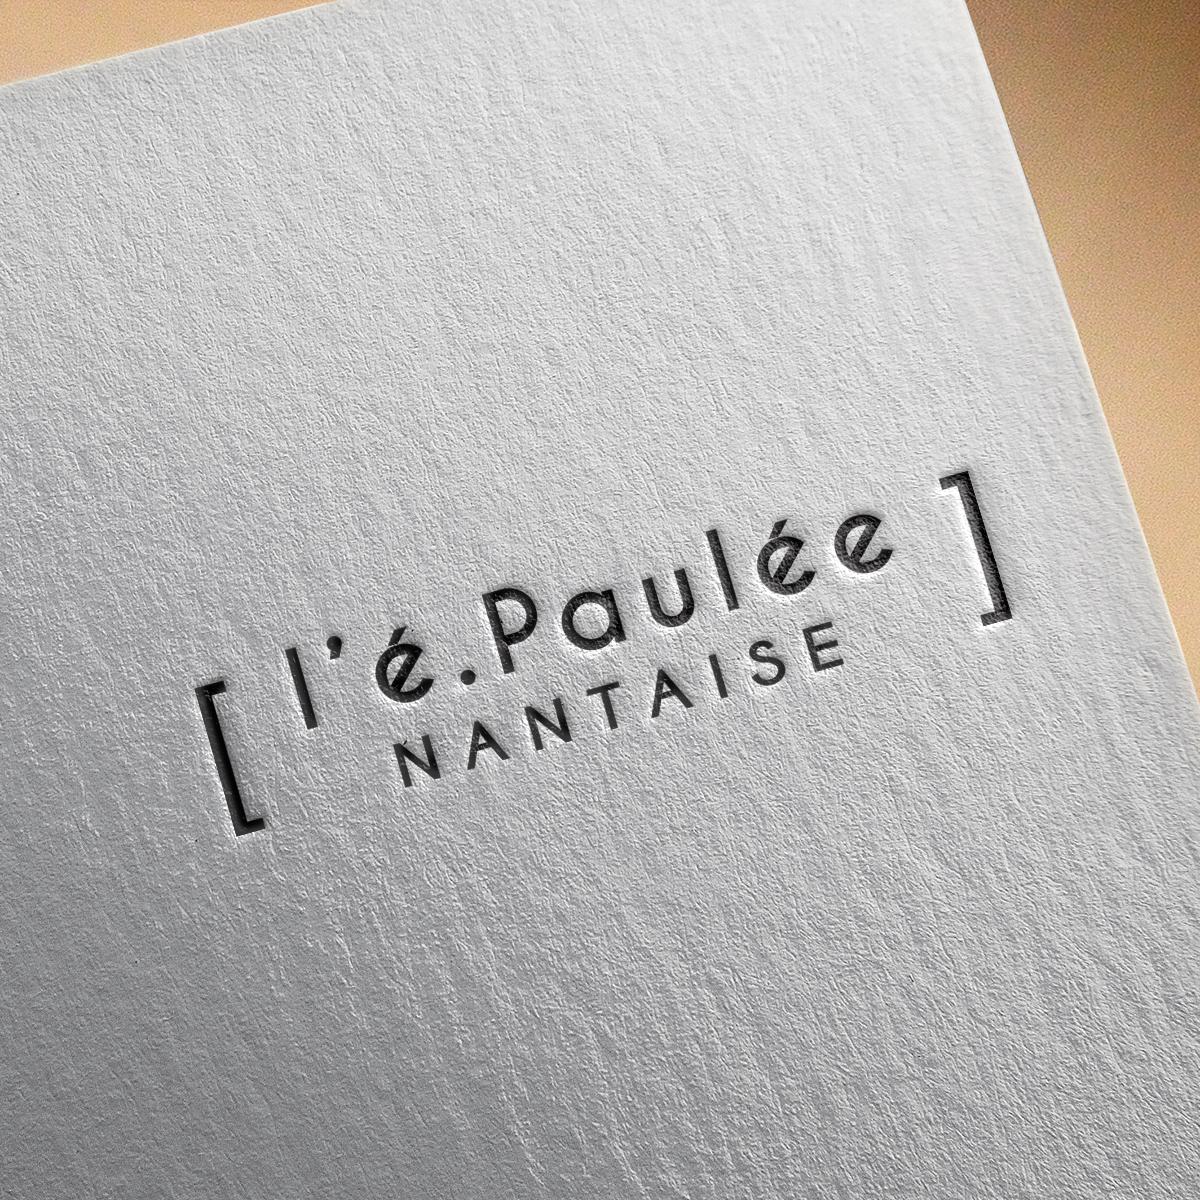 L'É.PAULÉE NANTAISE